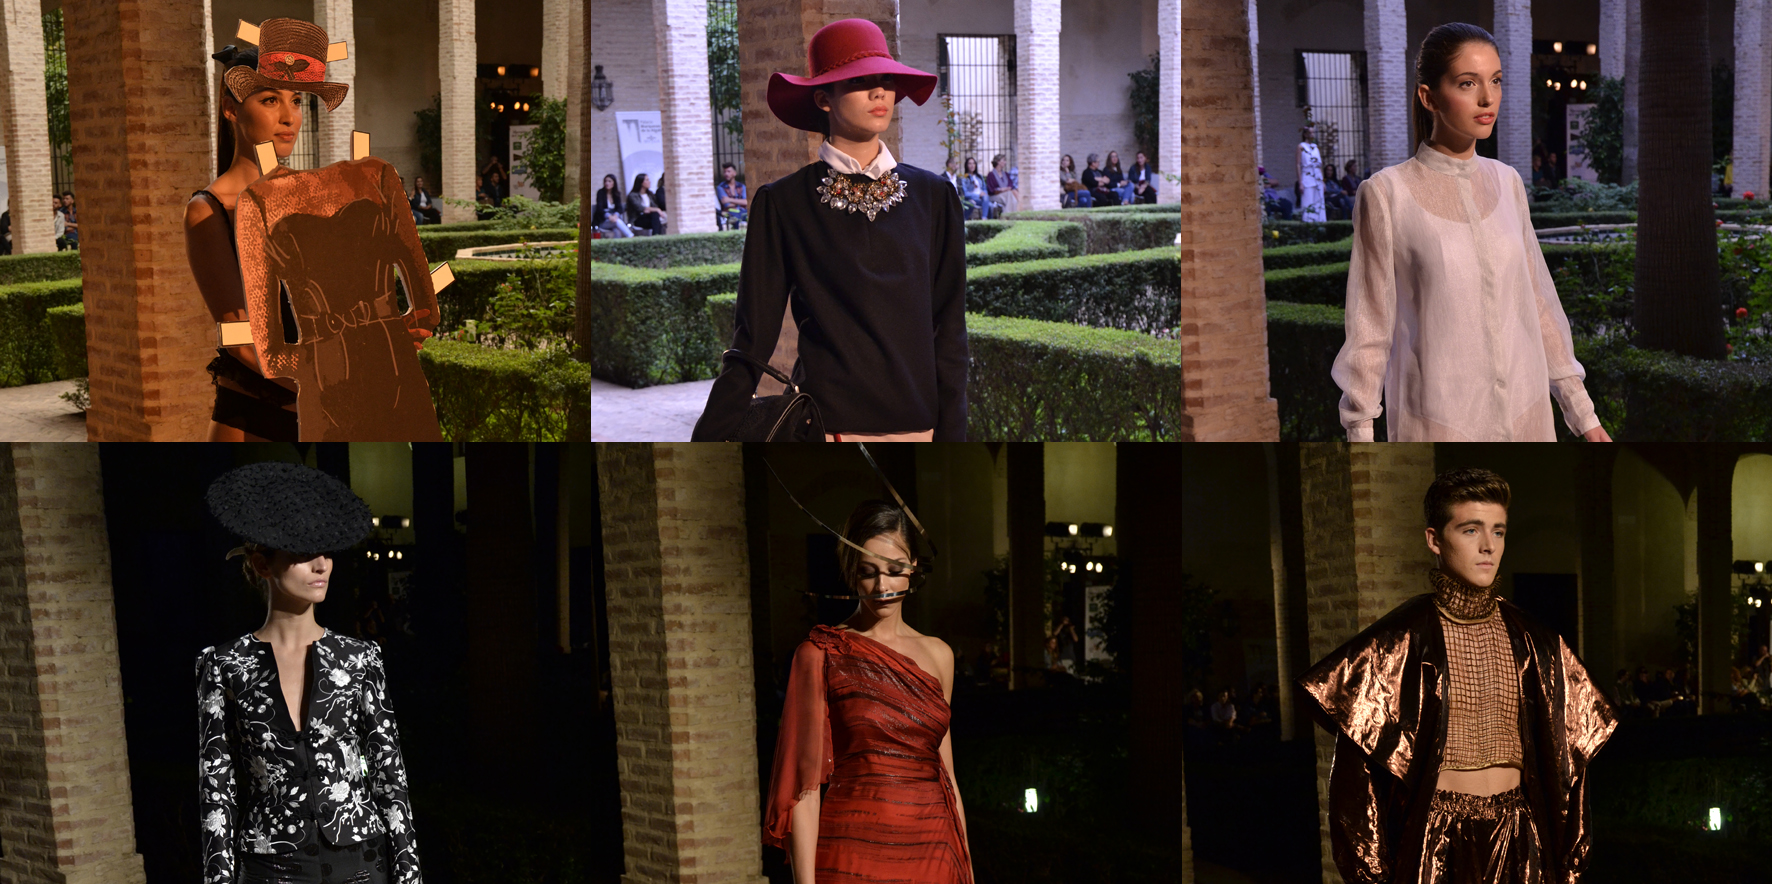 Andalucía de Moda 2014. Lunes